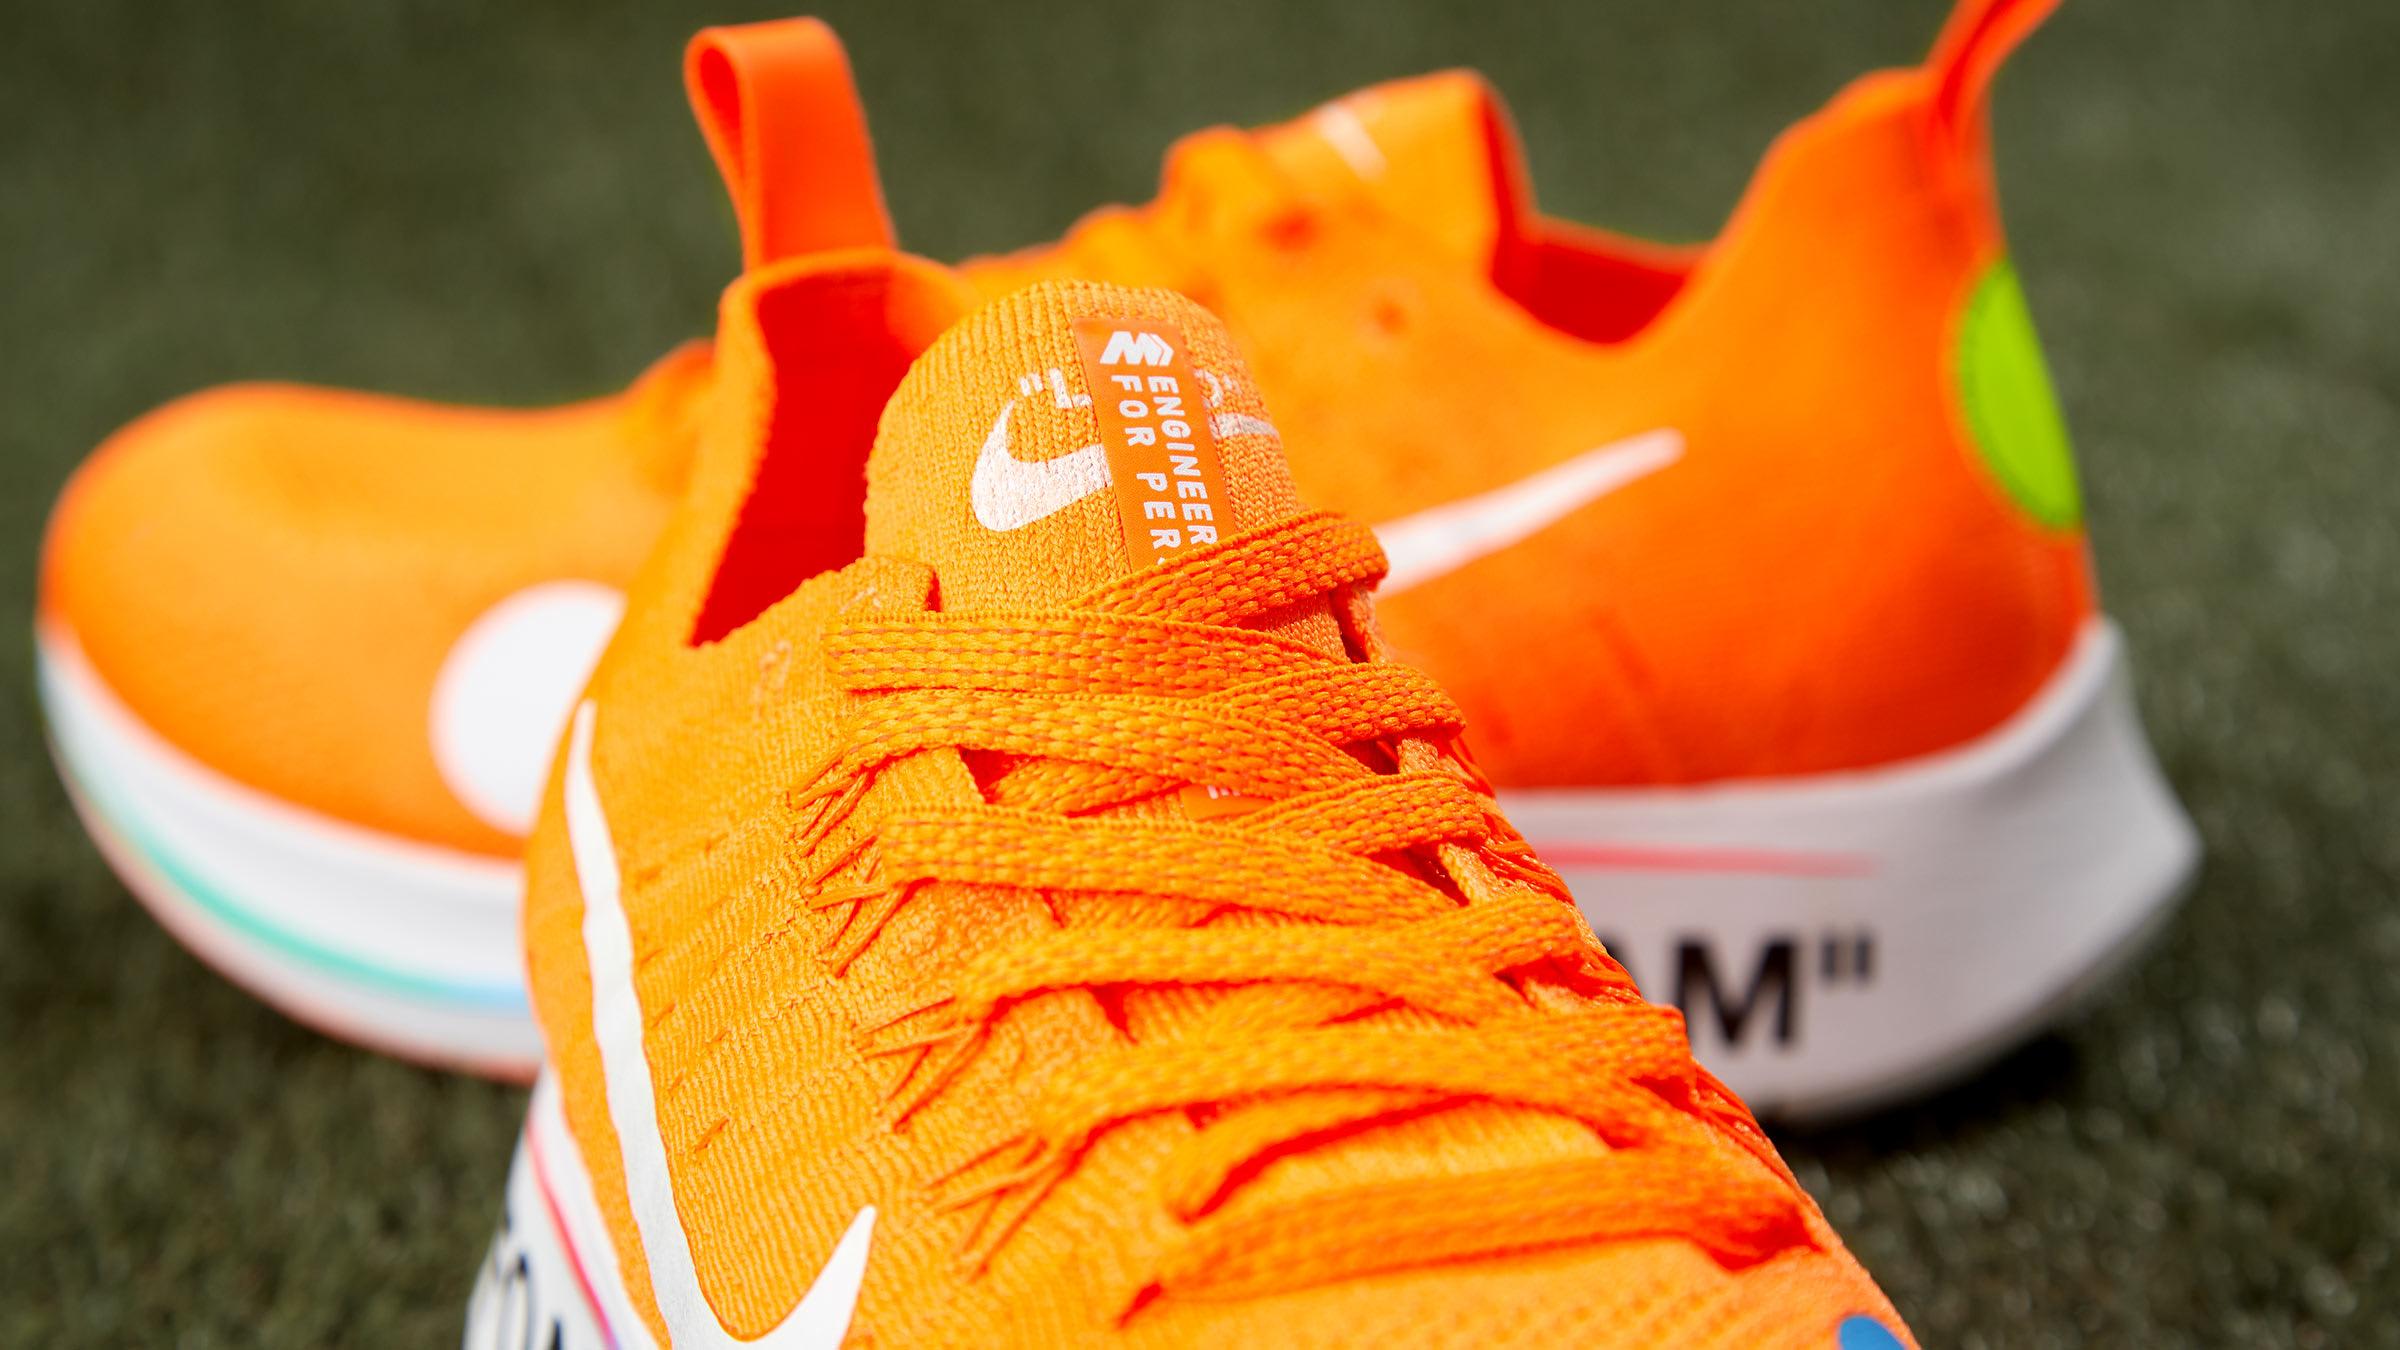 336633f77826 Nike x Off-White Zoom Fly Mercurial Flyknit (Orange